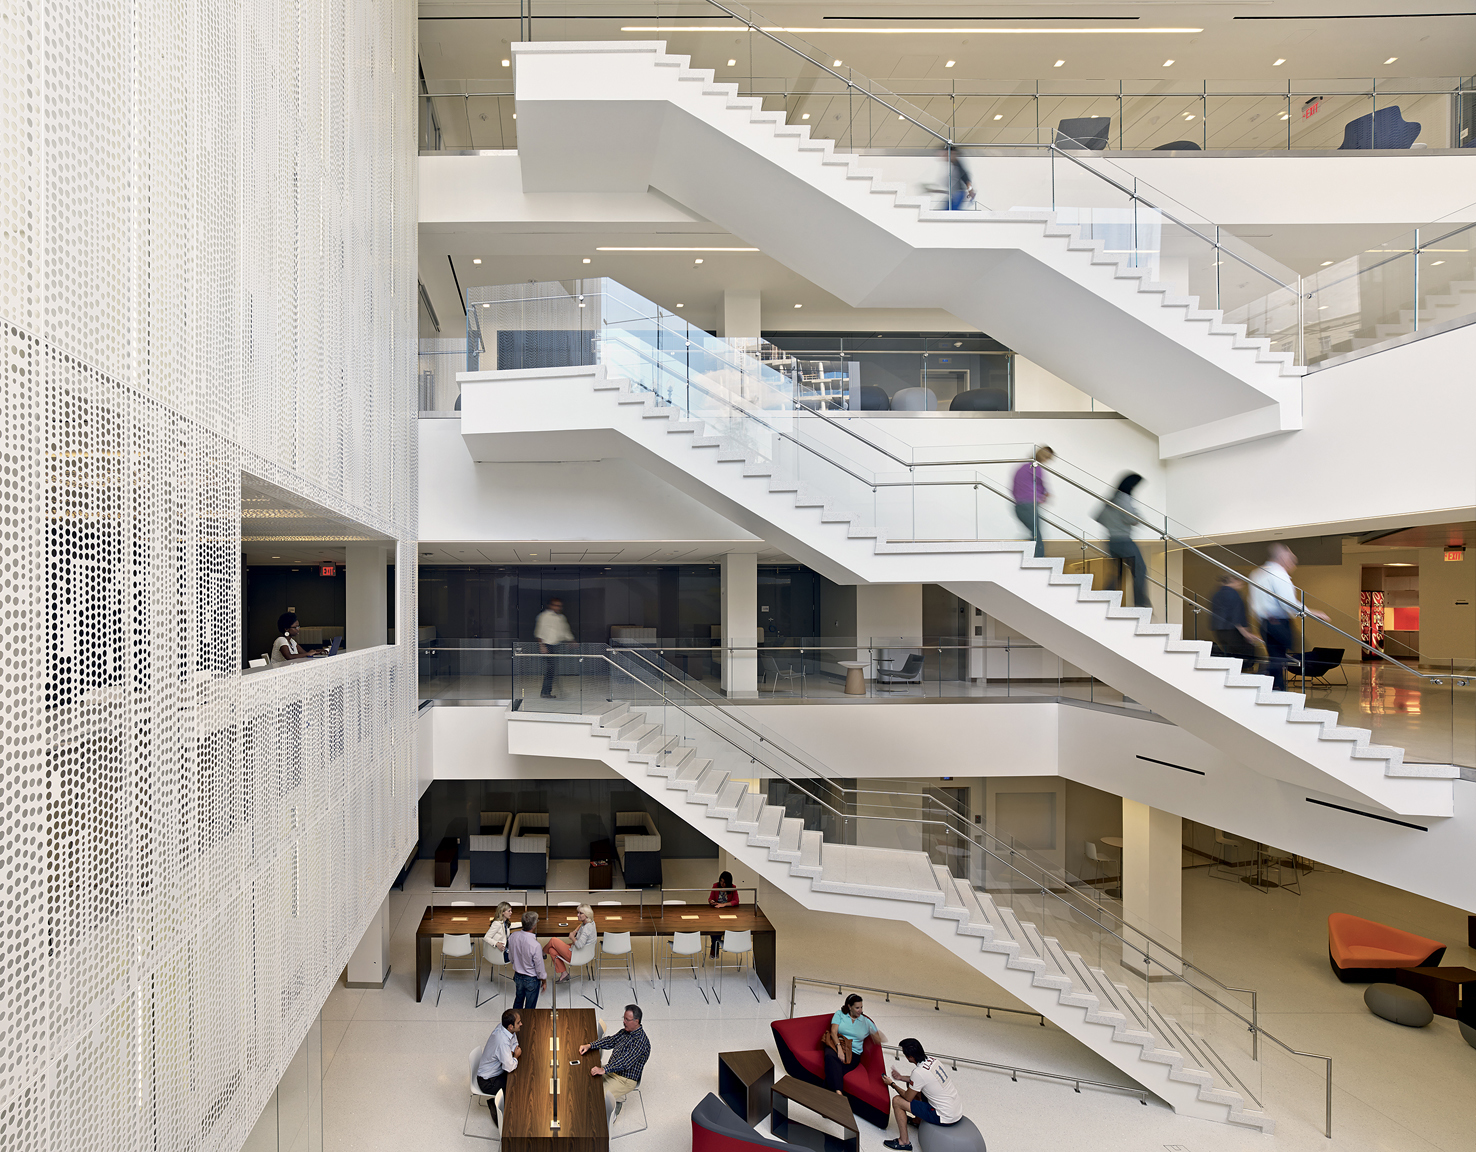 Außenküche Mit University : Außenküche mit university formparts boston university us von